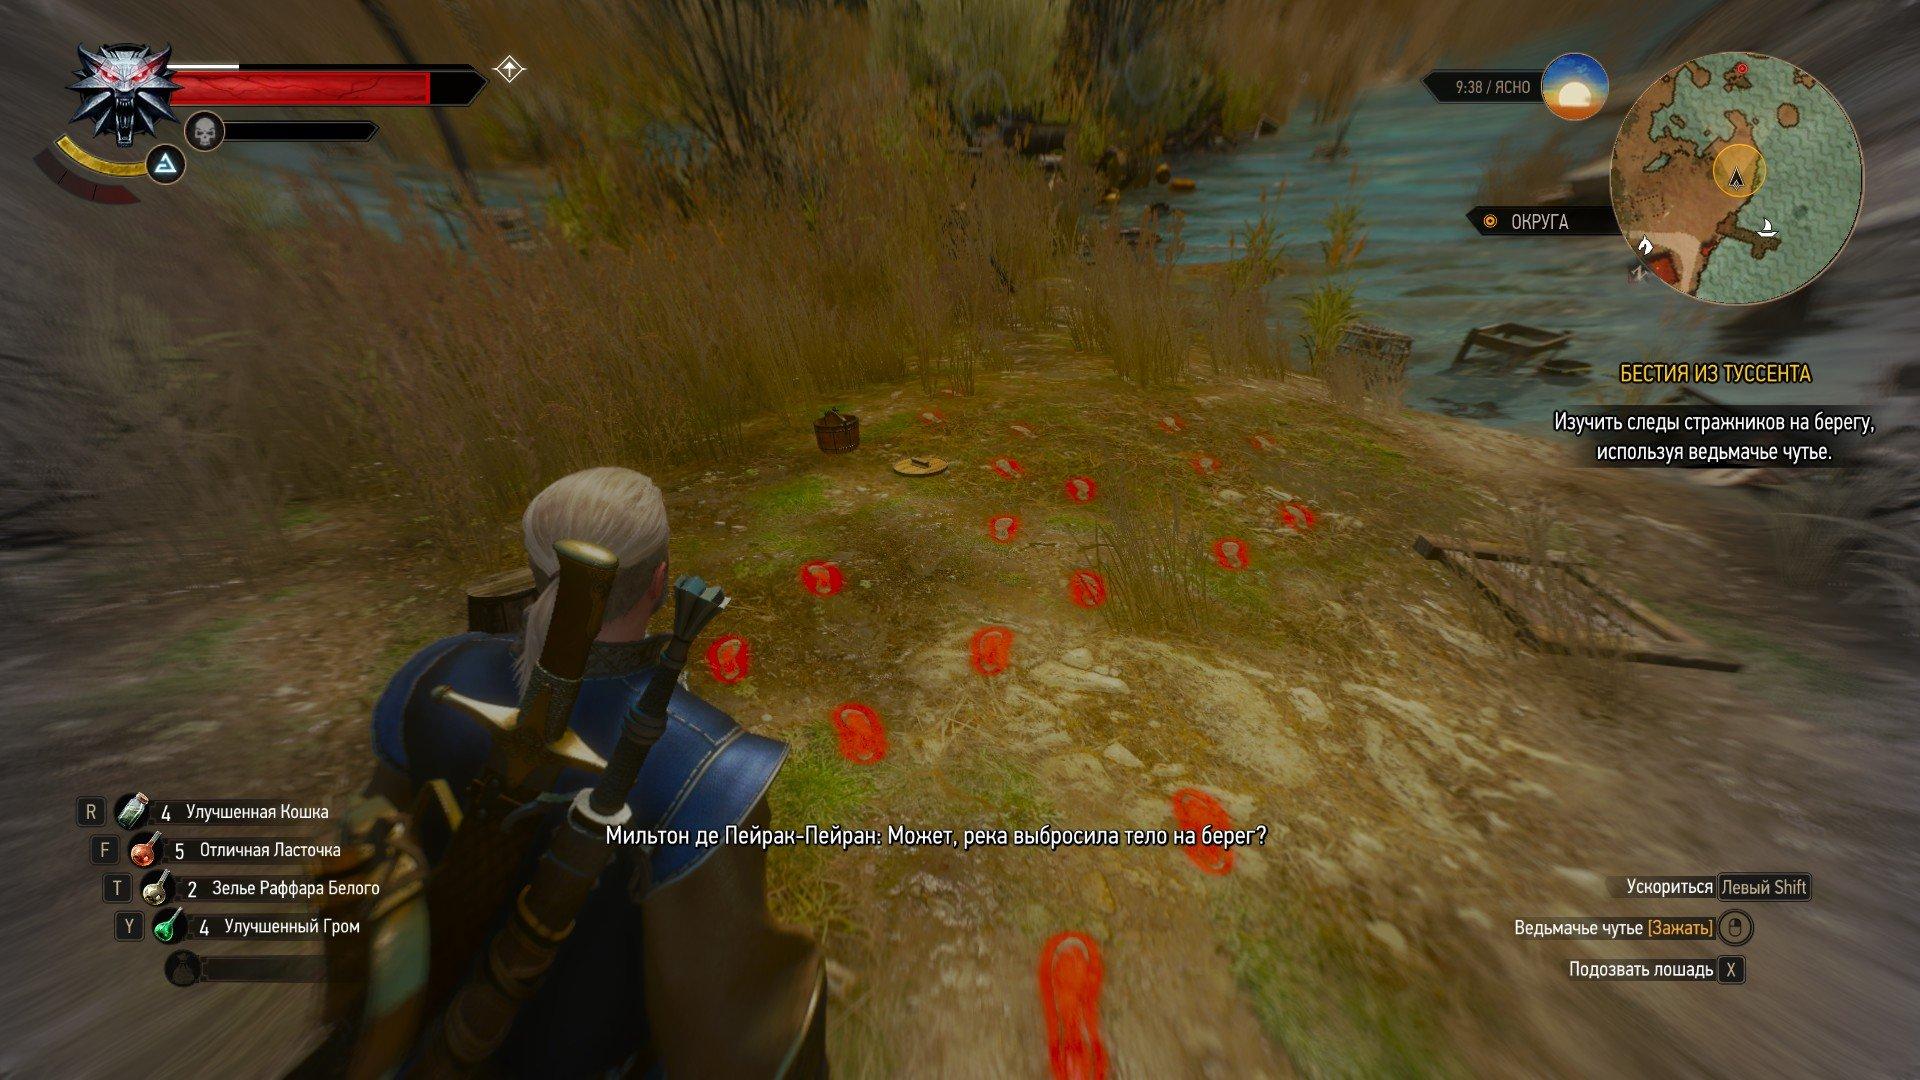 Вопль-прохождение Witcher 3: Кровь и Вино ... НАЧАЛО [ВНИМАНИЕ, ВОЗМОЖНЫ СПОЙЛЕРЫ] - Изображение 9